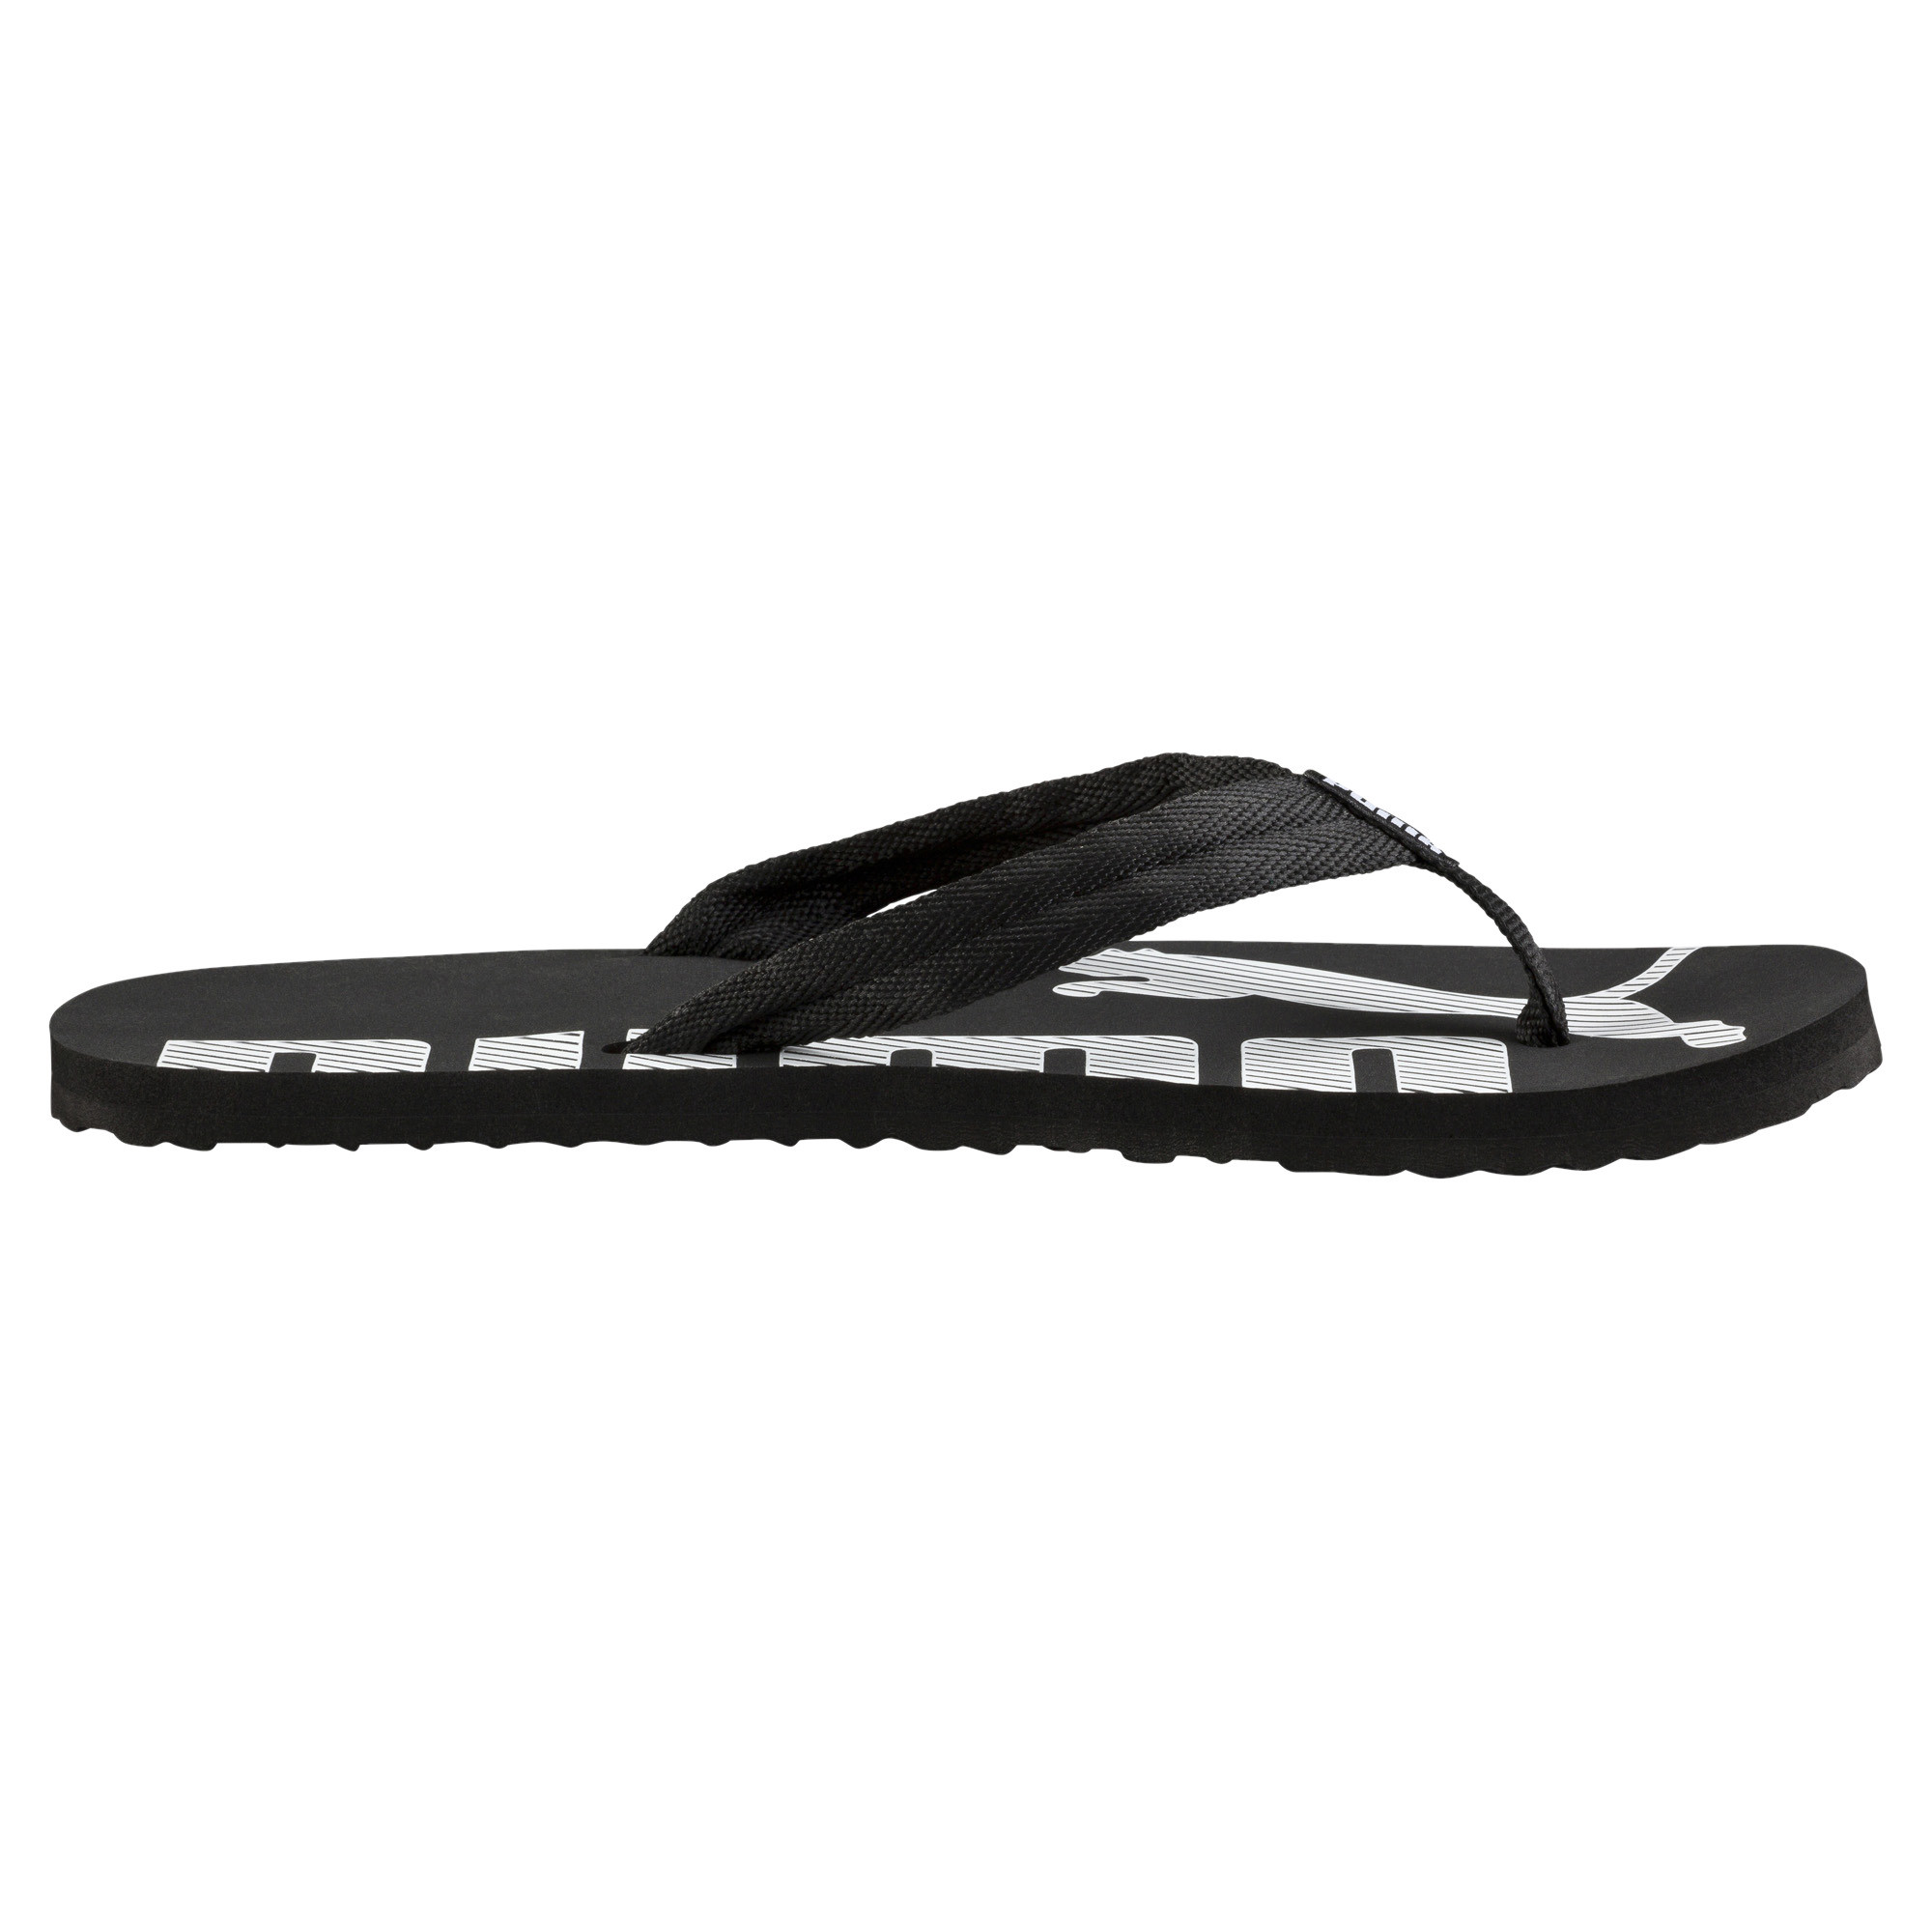 Image Puma Epic Flip v2 Men's Sandals #4